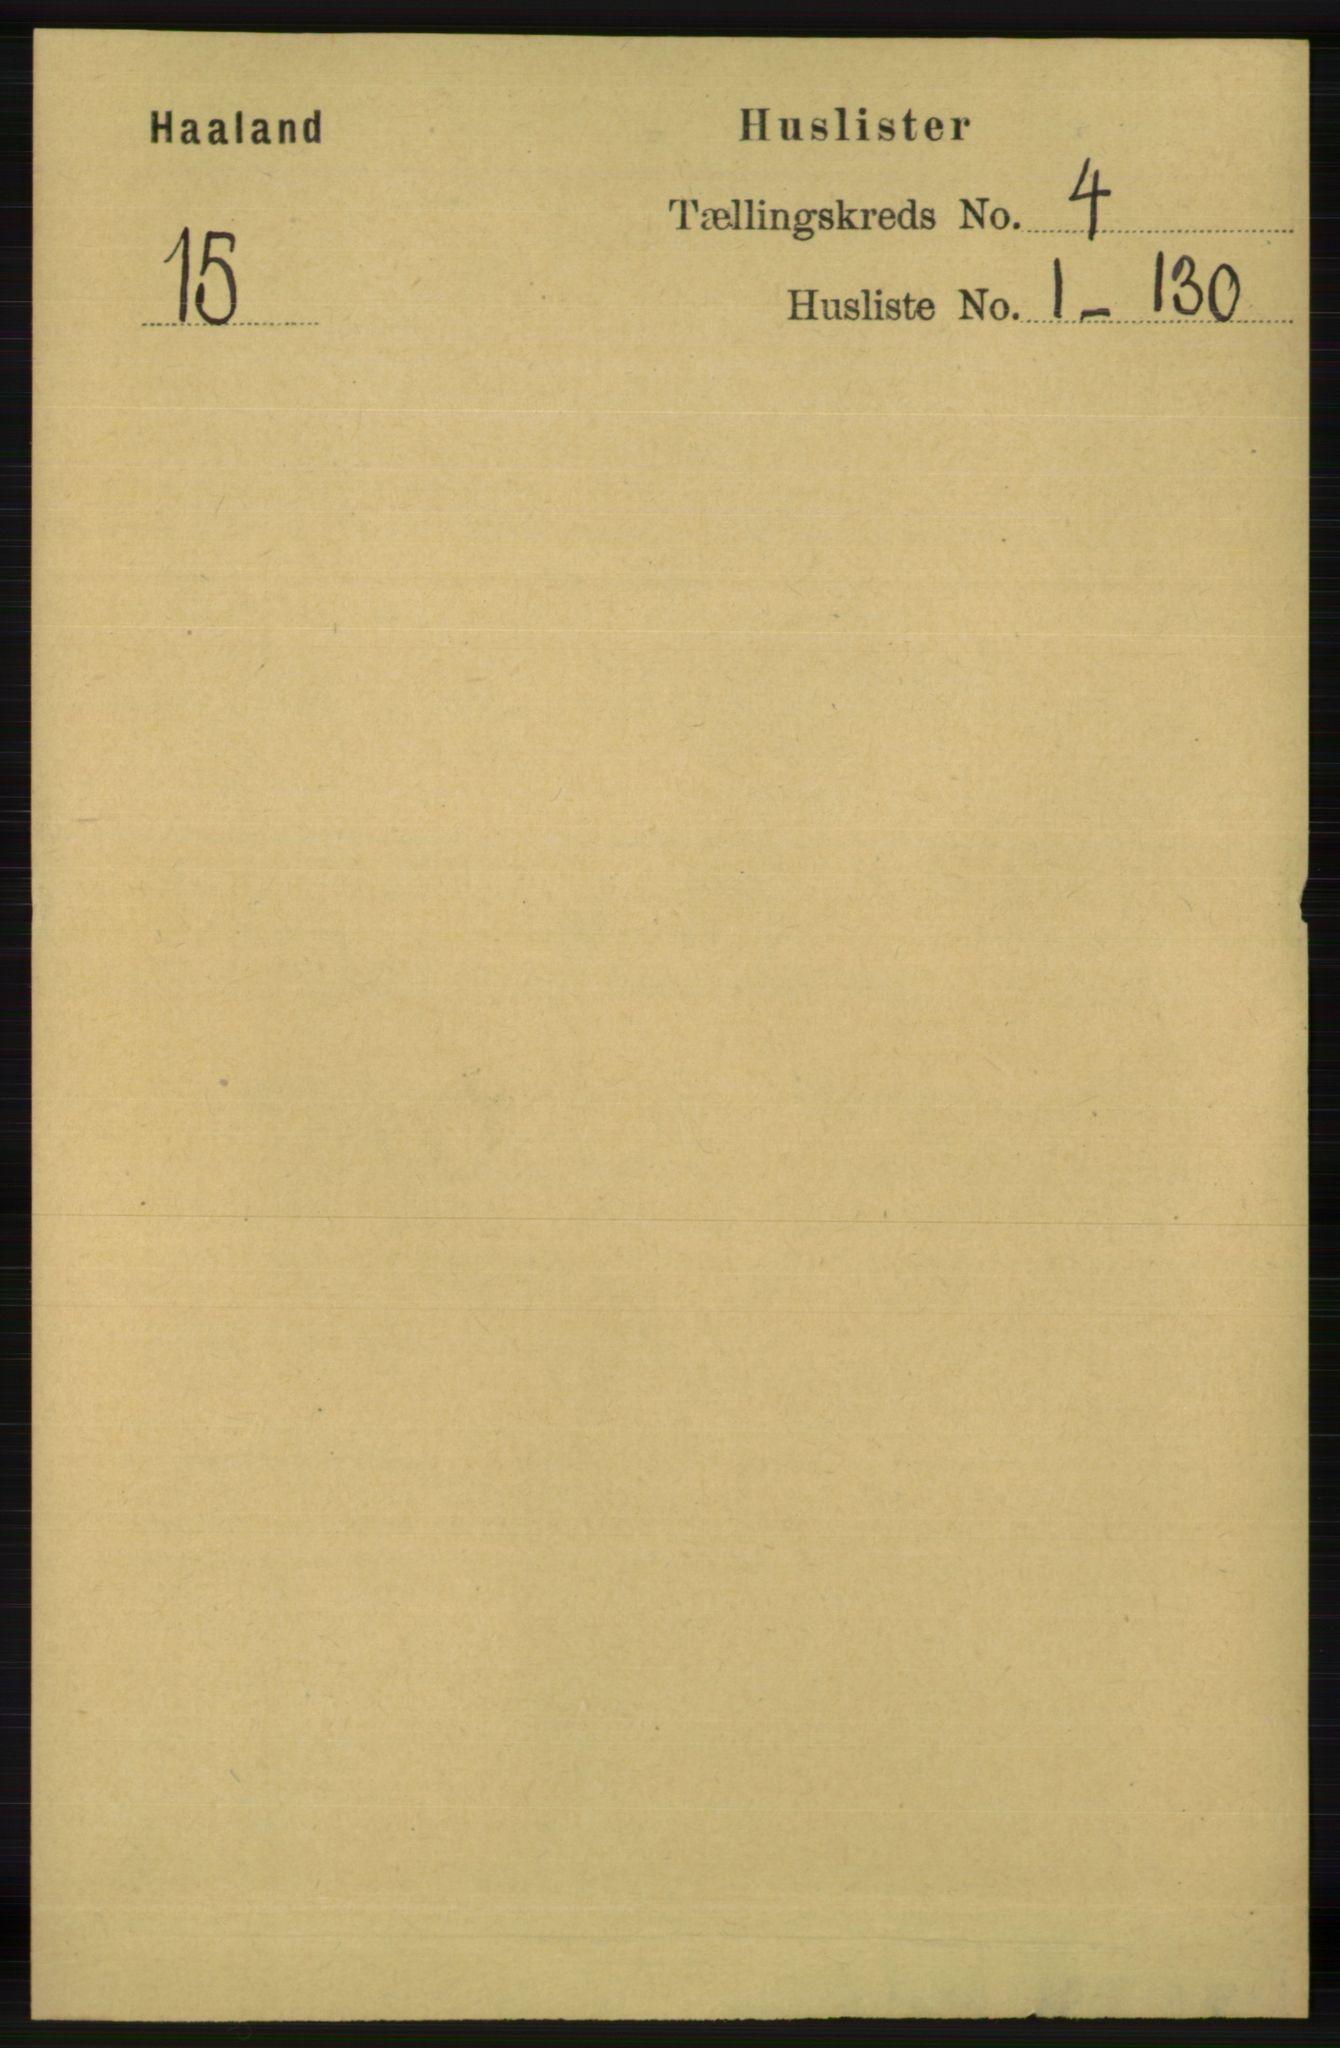 RA, Folketelling 1891 for 1124 Haaland herred, 1891, s. 2283